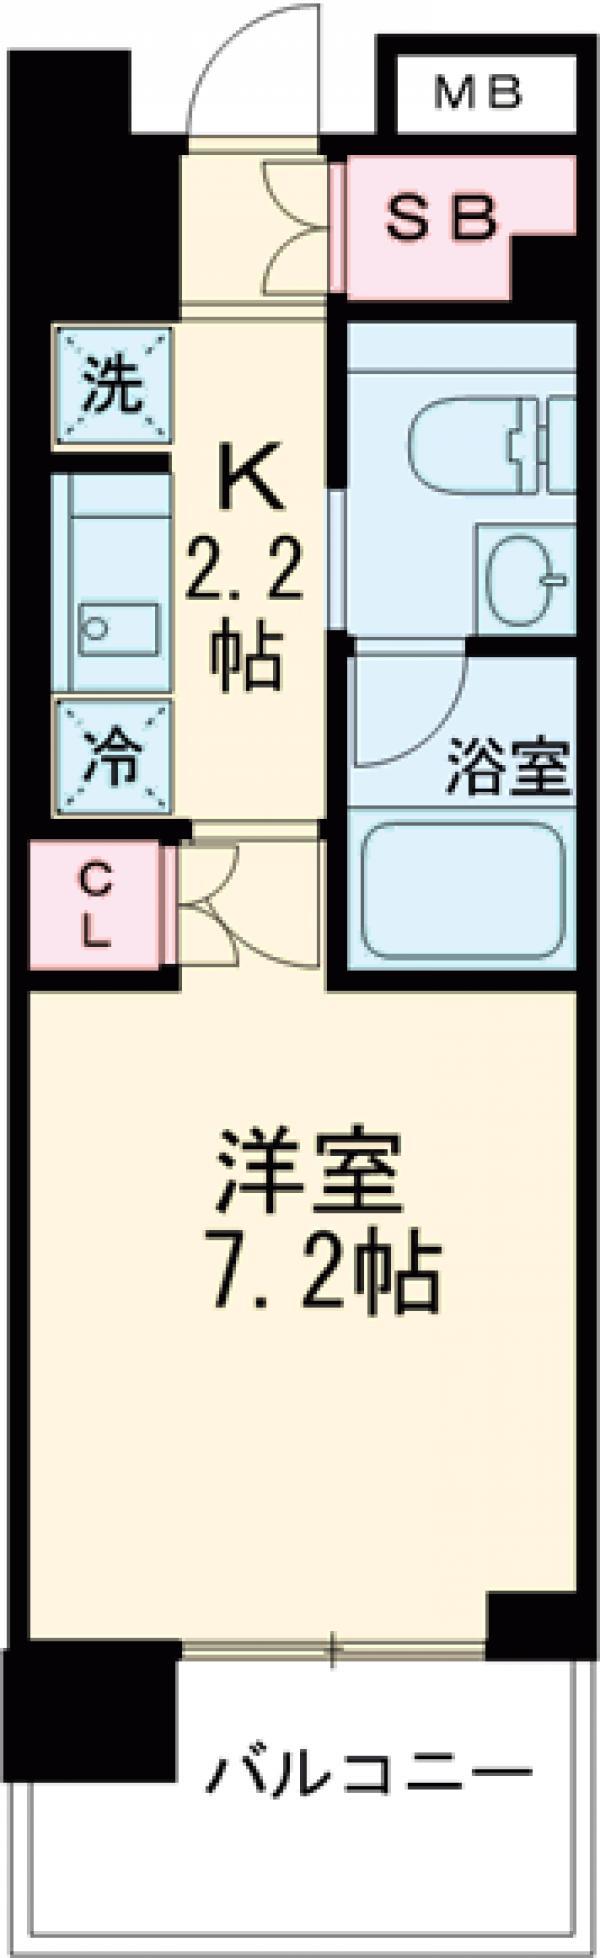 プライムメゾン早稲田通り・307号室の間取り